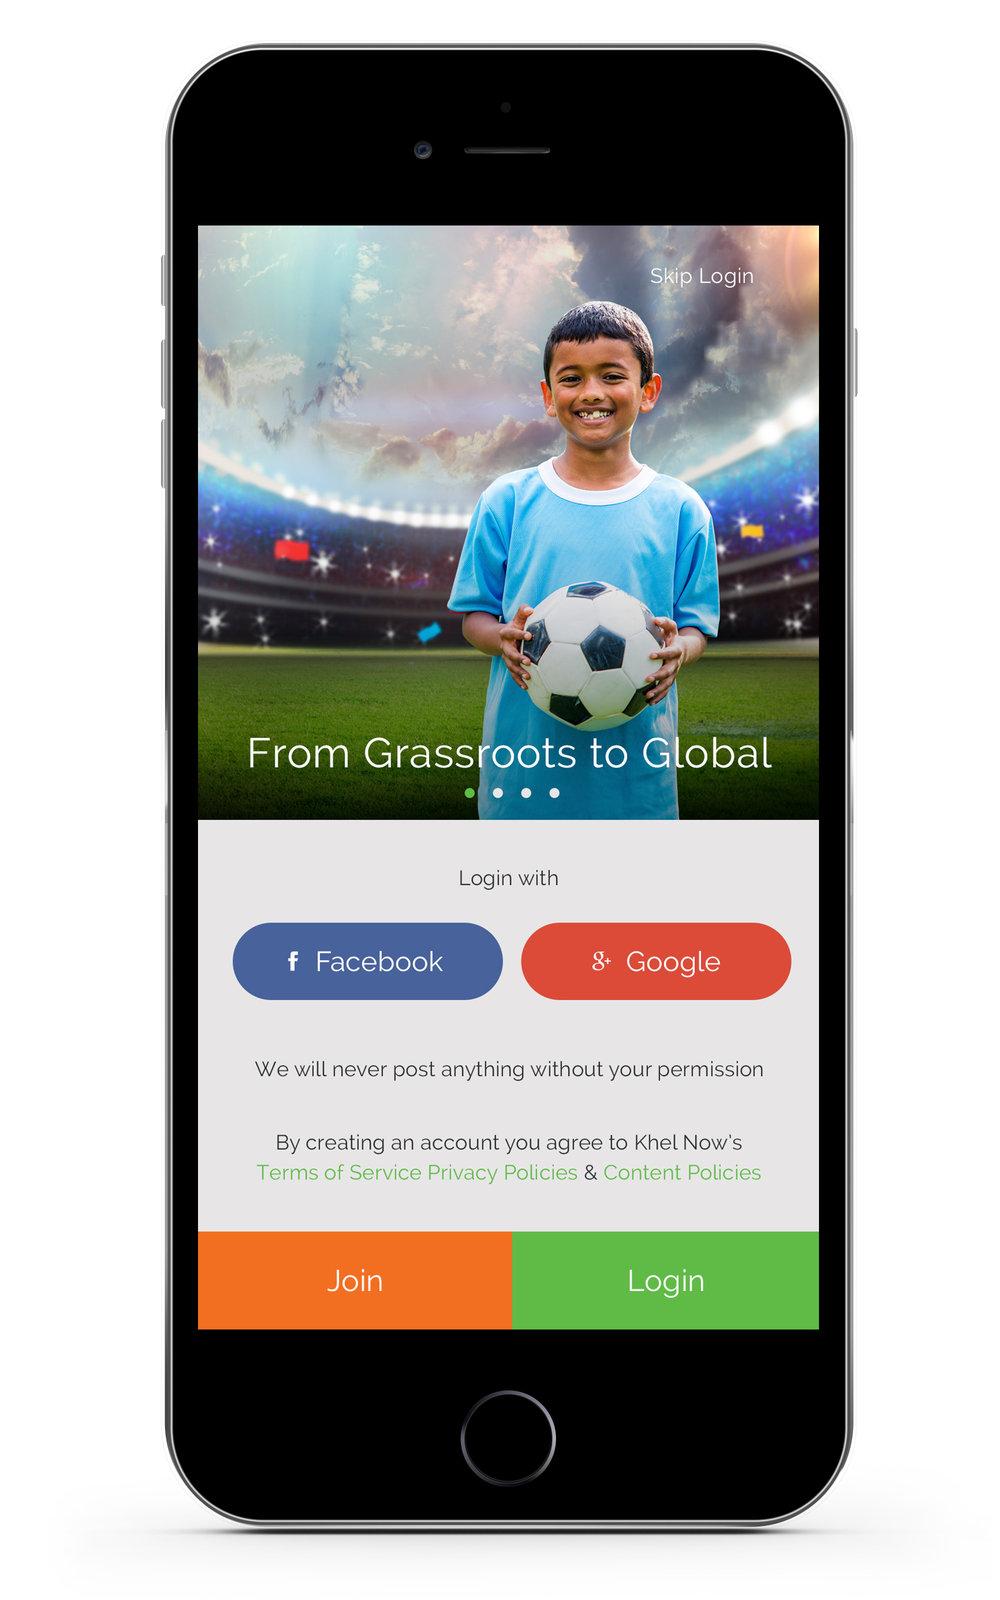 KhelNow_MobileApp_mockup-1.jpg